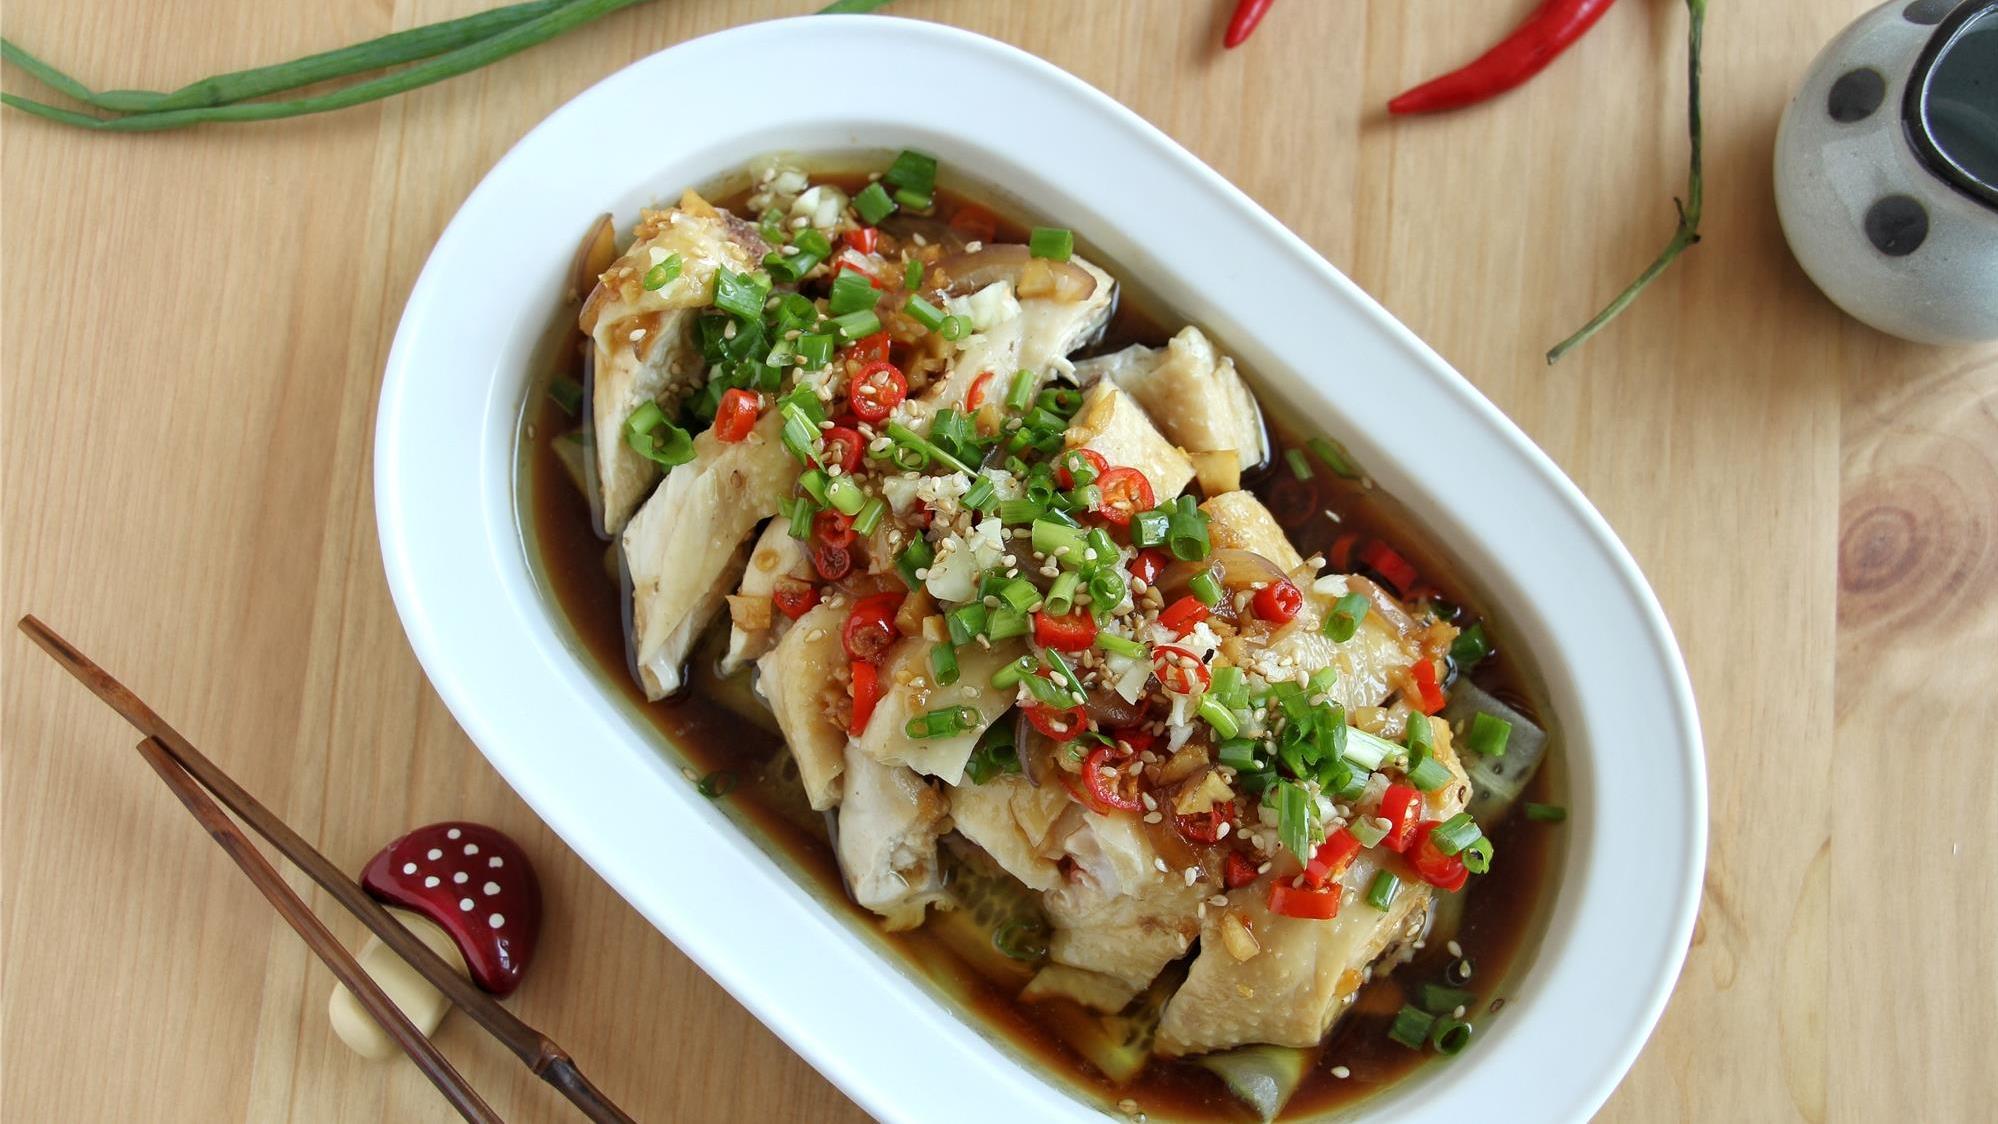 天热还是凉菜方便,煮熟切好就上桌,麻辣鲜嫩又爽口,吃起来舒心